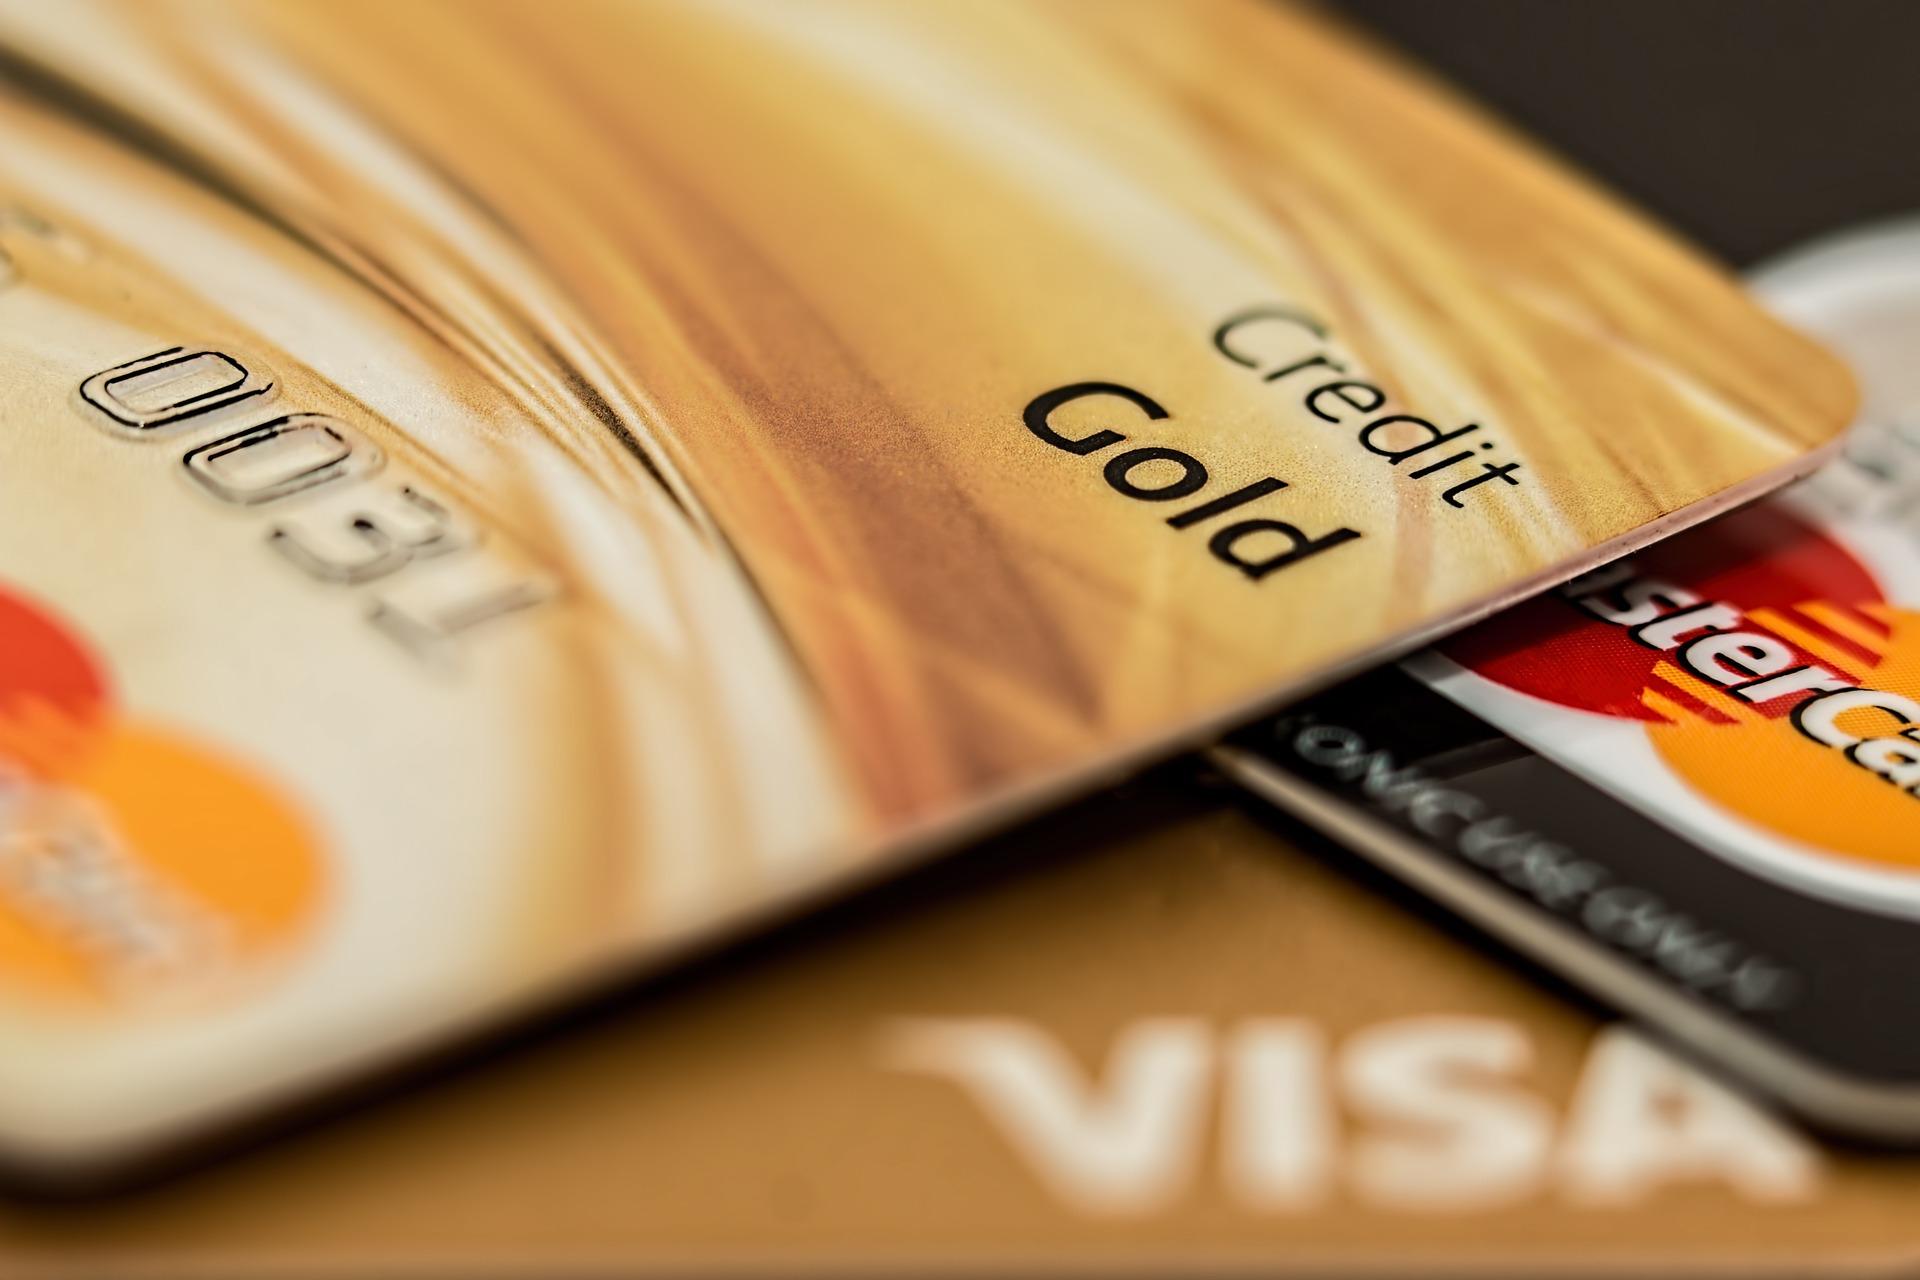 税理士が個人事業主にクレジットカード(法人)をおすすめの7つの理由